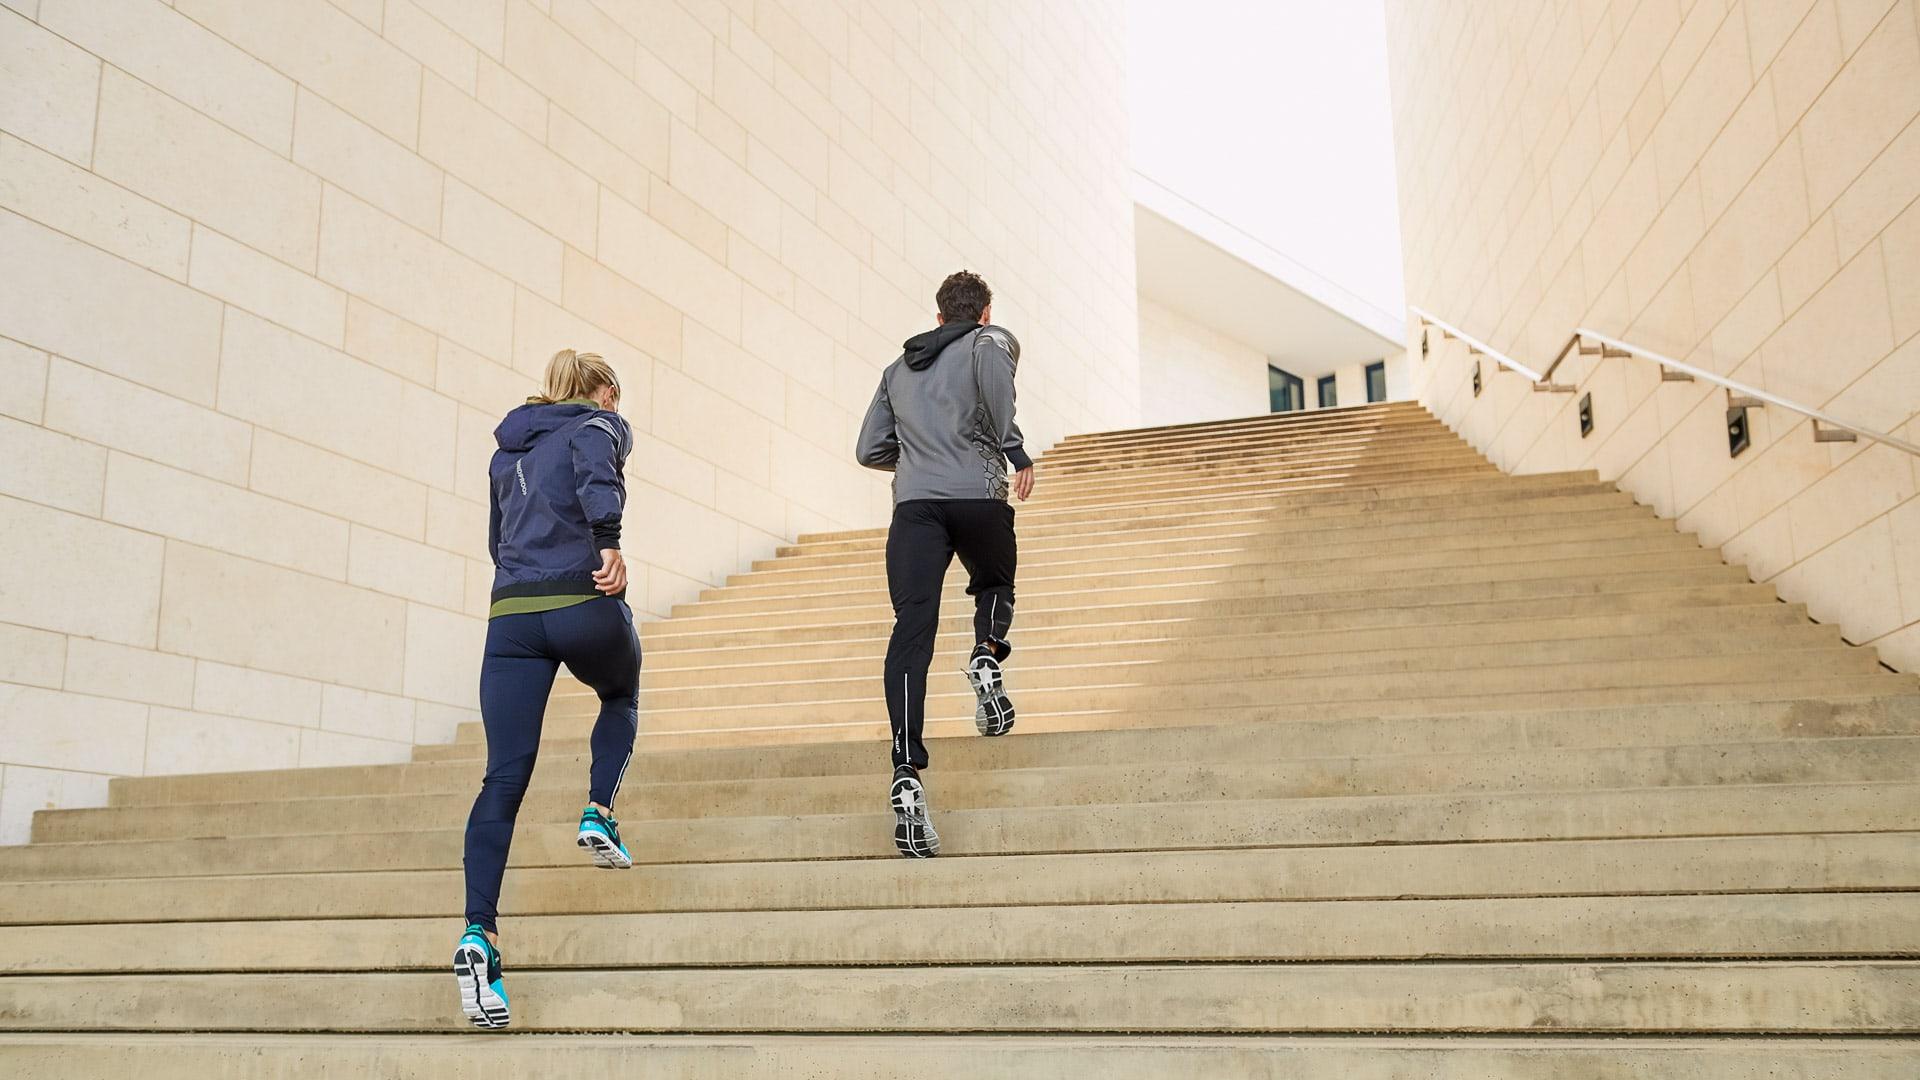 Werbekampagne und PR-Shots für Runners Point on Location in Dortmund